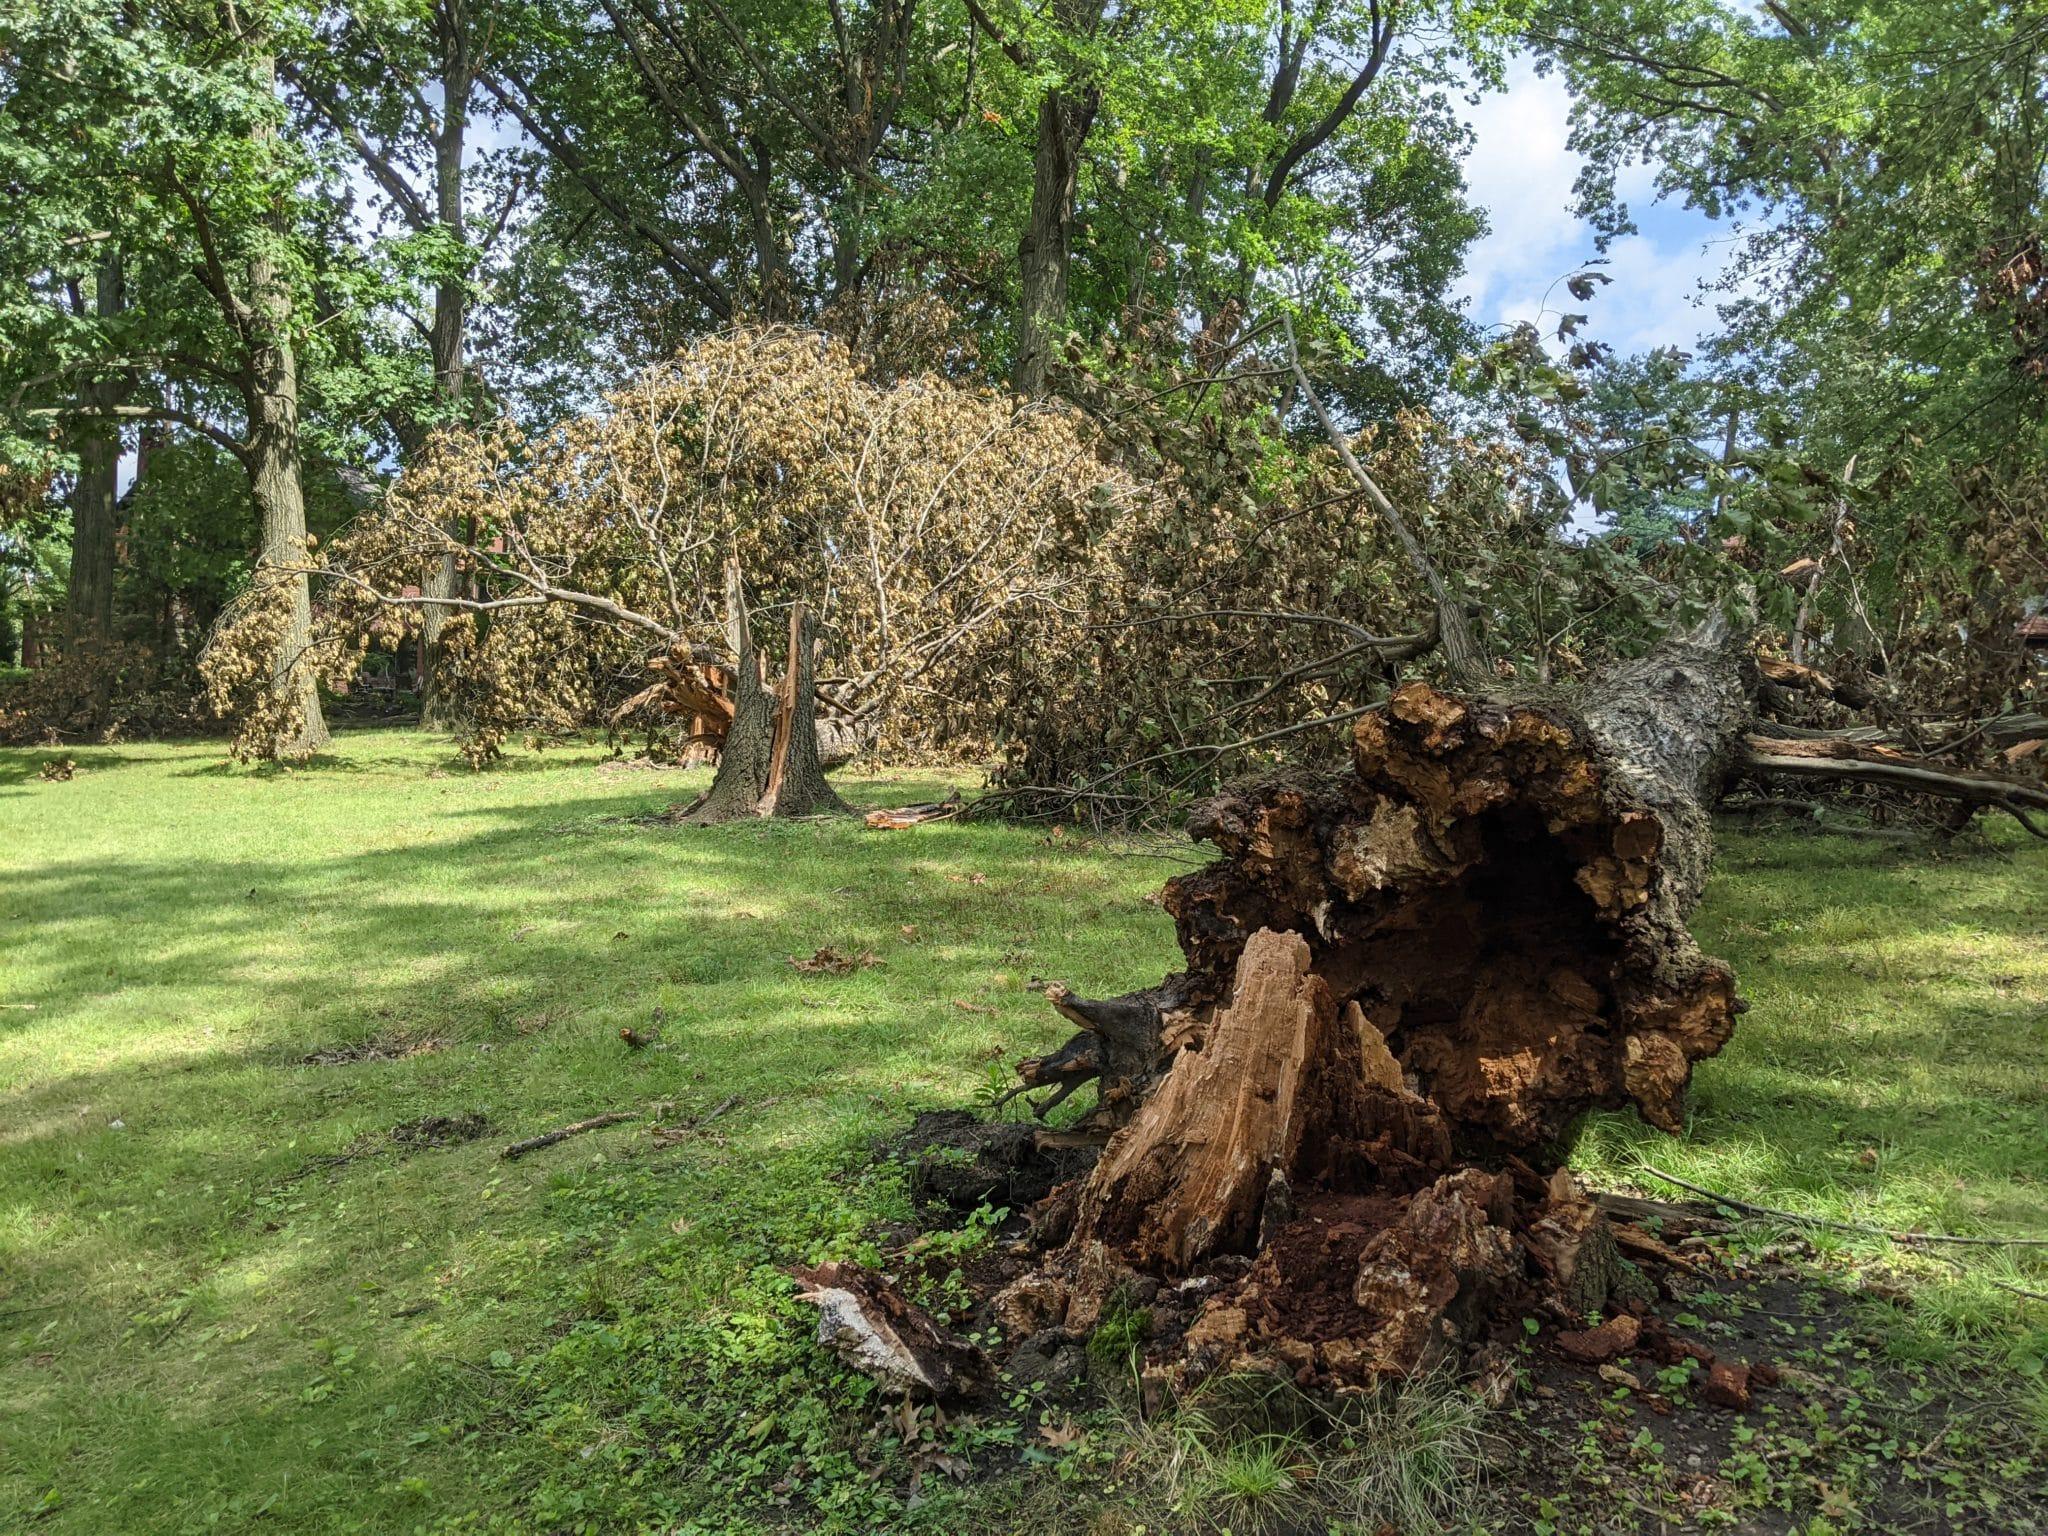 A fallen tree in a park.